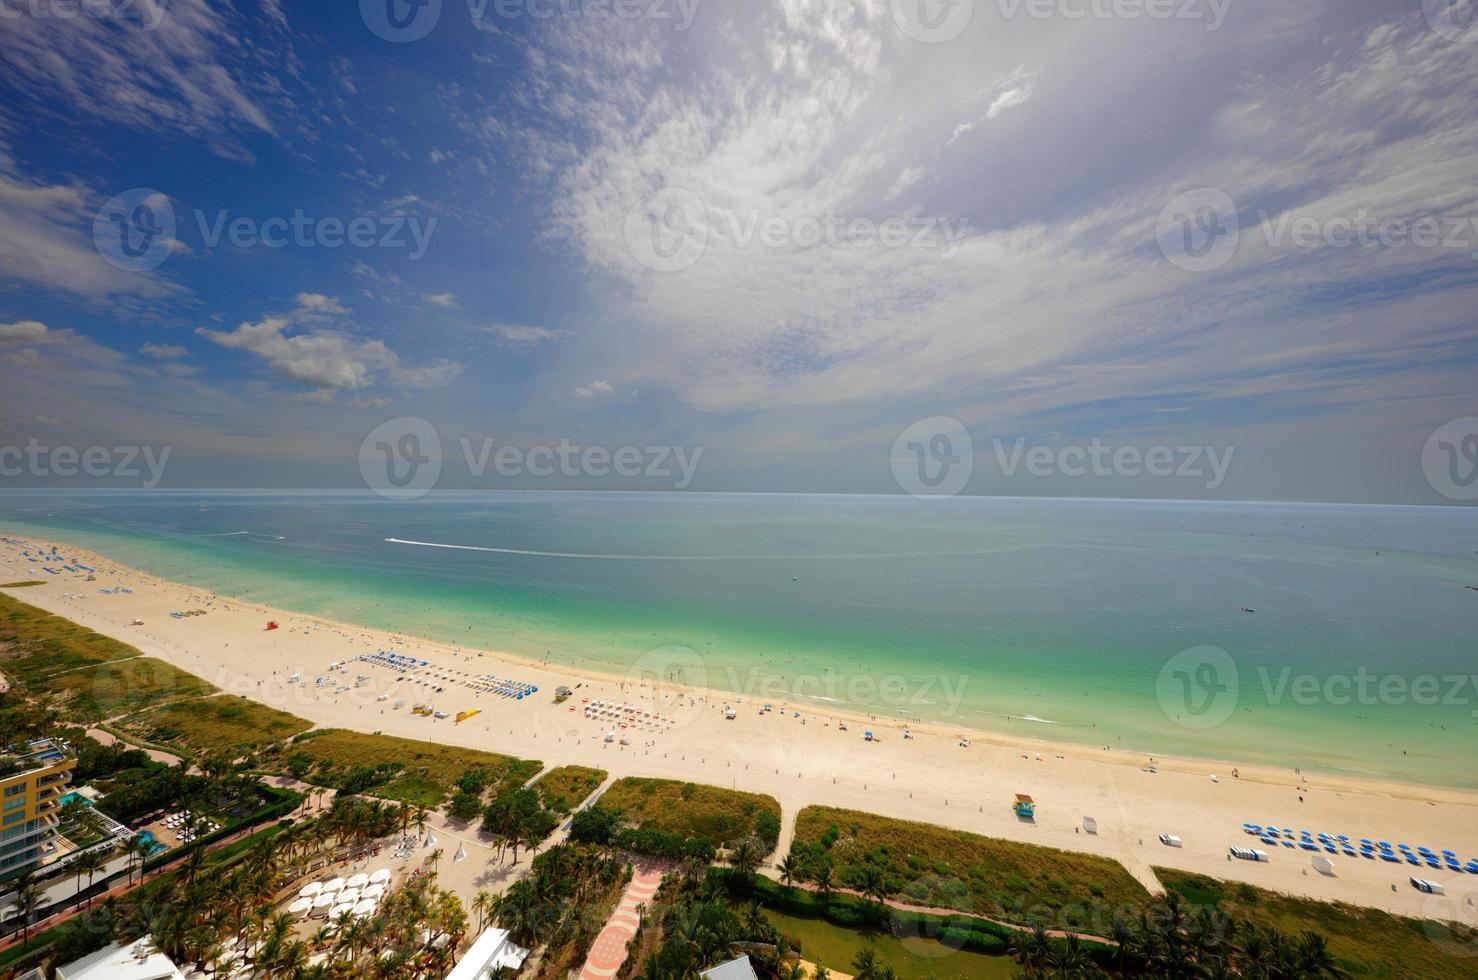 foto aerea di miami beach